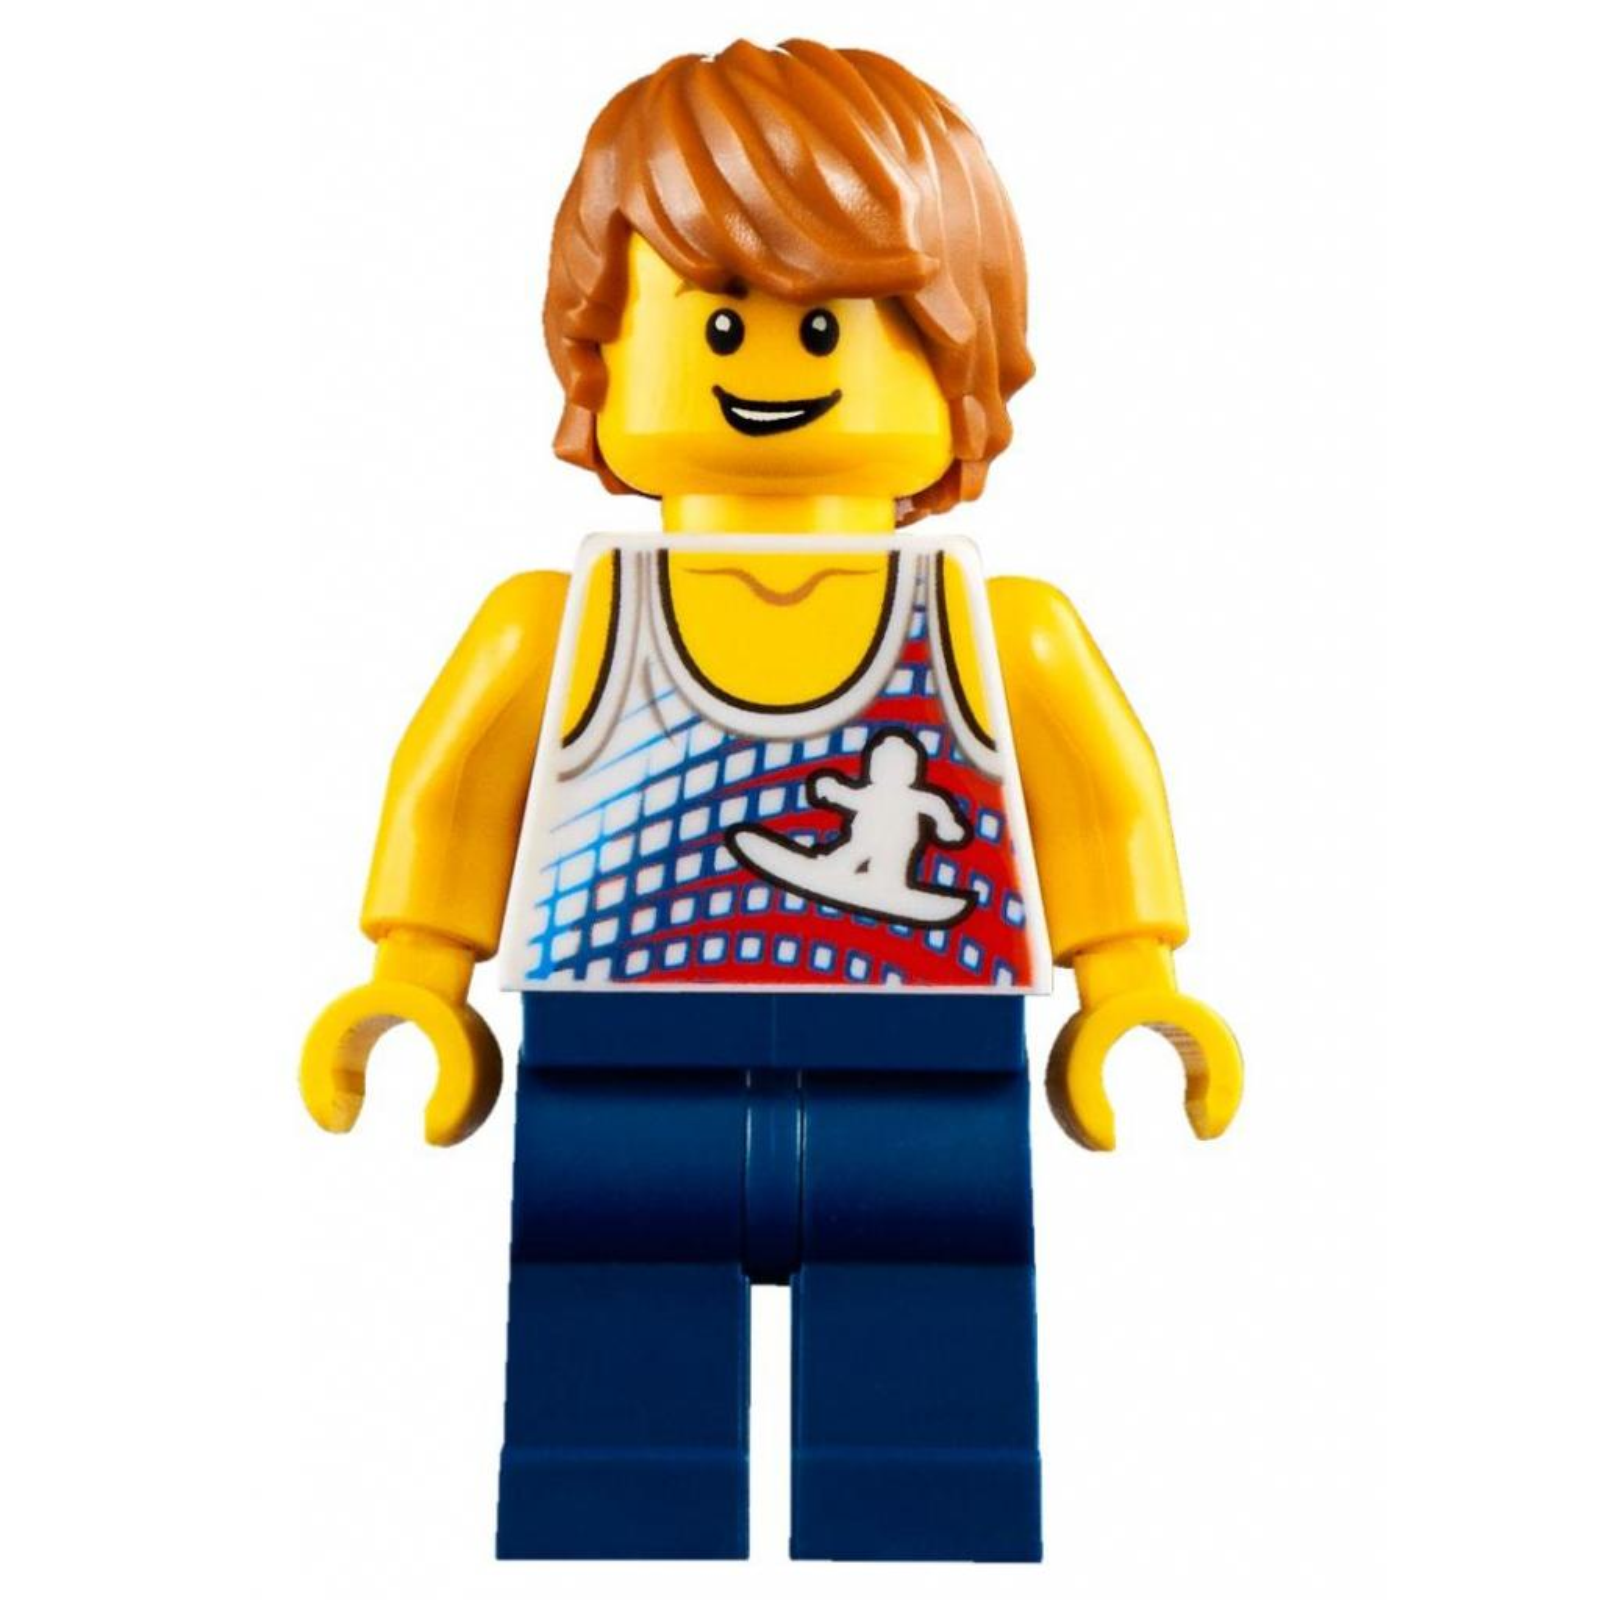 Конструктор LEGO Creator Солнечный фургон серфингиста (31079) изображение 10